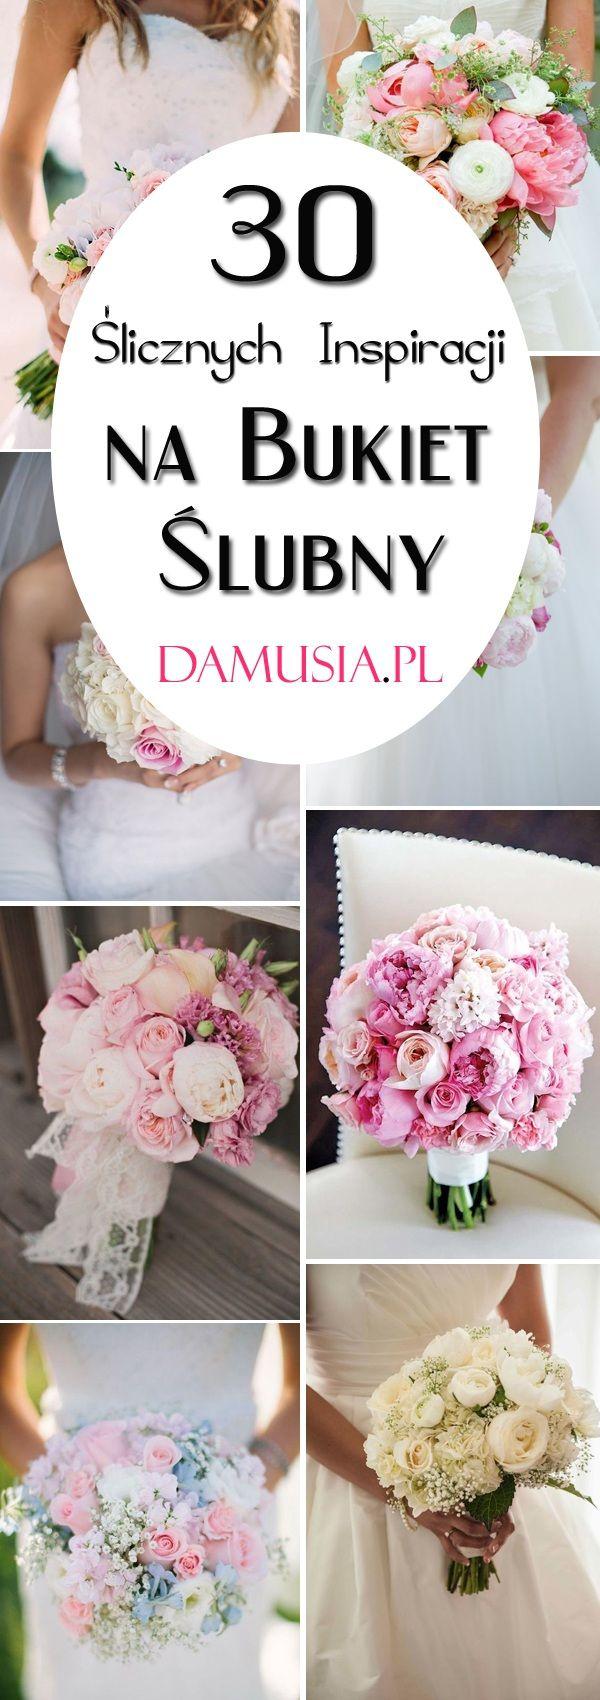 Modny Bukiet Slubny Top 30 Slicznych Inspiracji Wedding